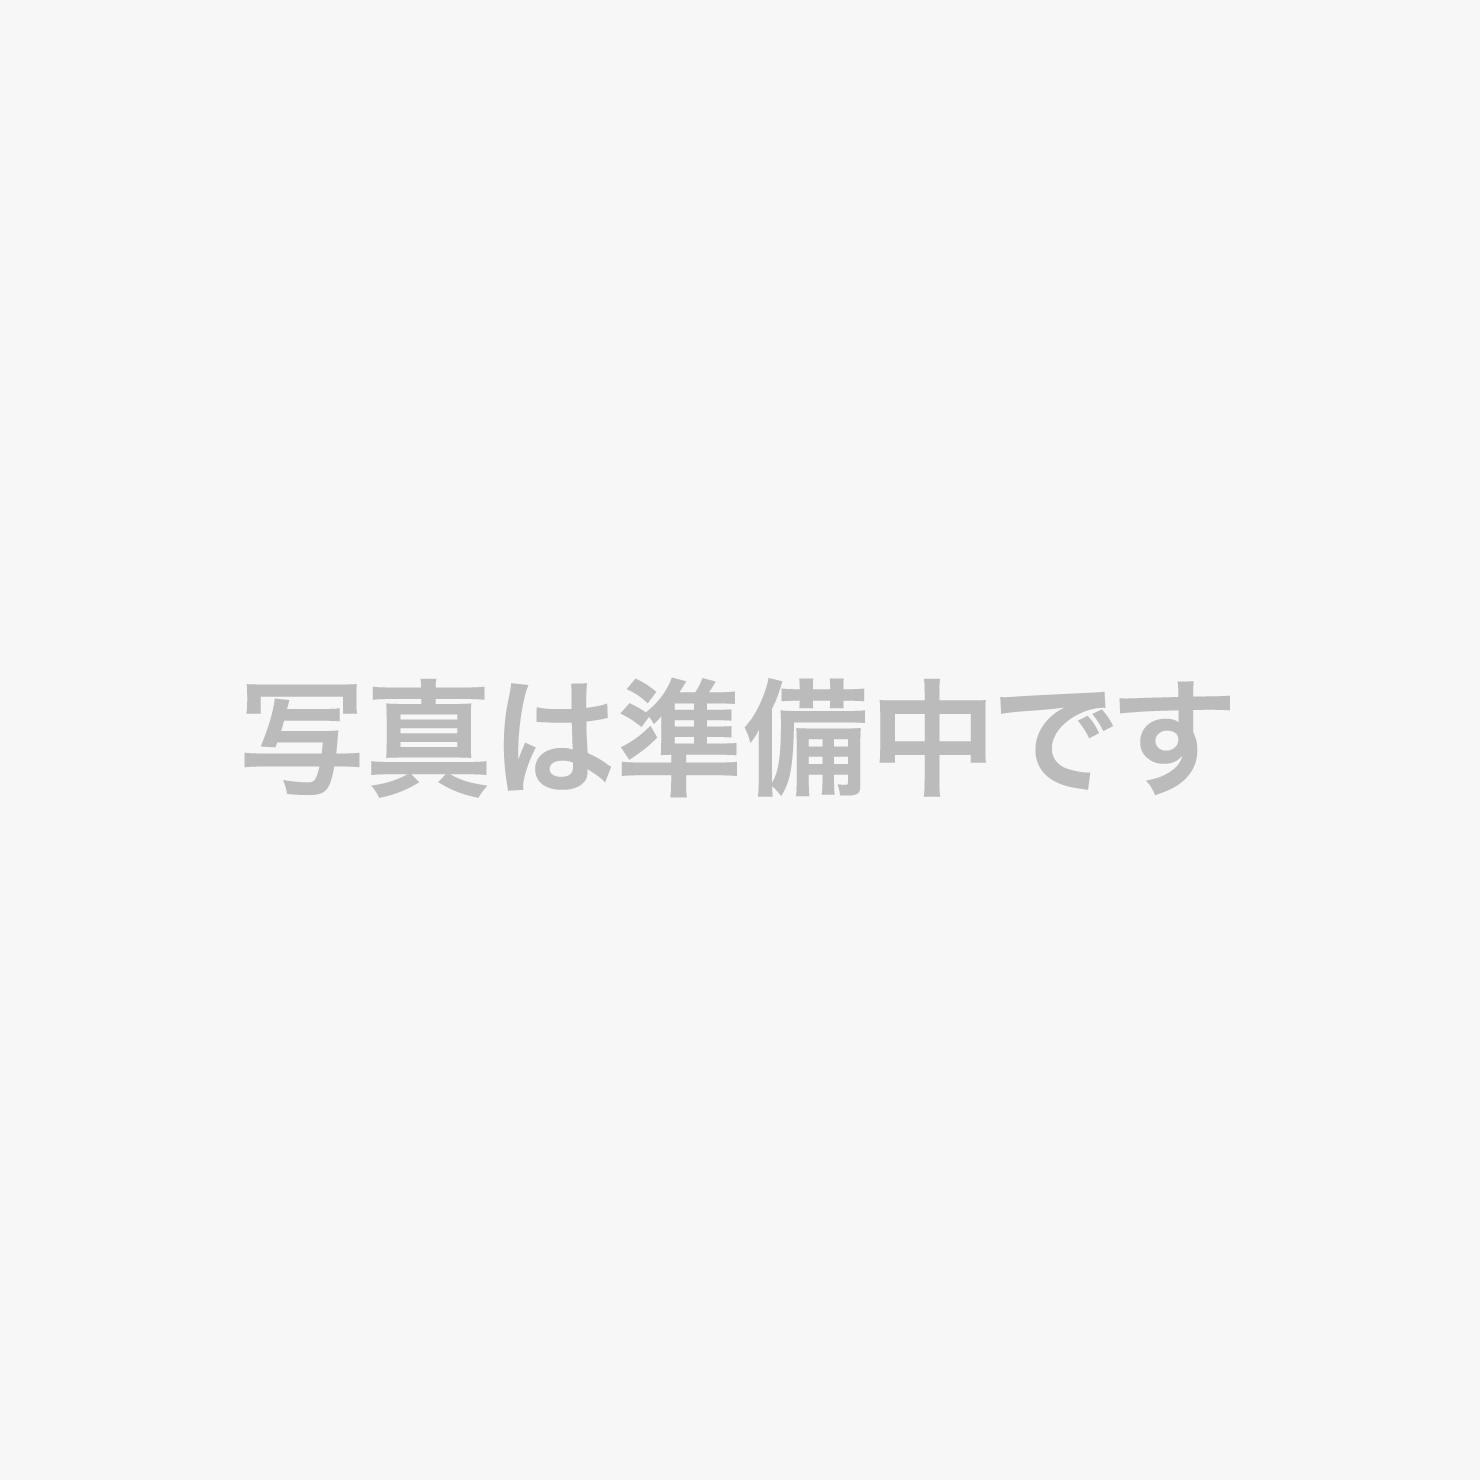 【特別室-春の1】コンフォートスイートルーム春の1171平米のゆとりの広さの特別室は源泉かけ流しの露天風呂とサウナ付き。